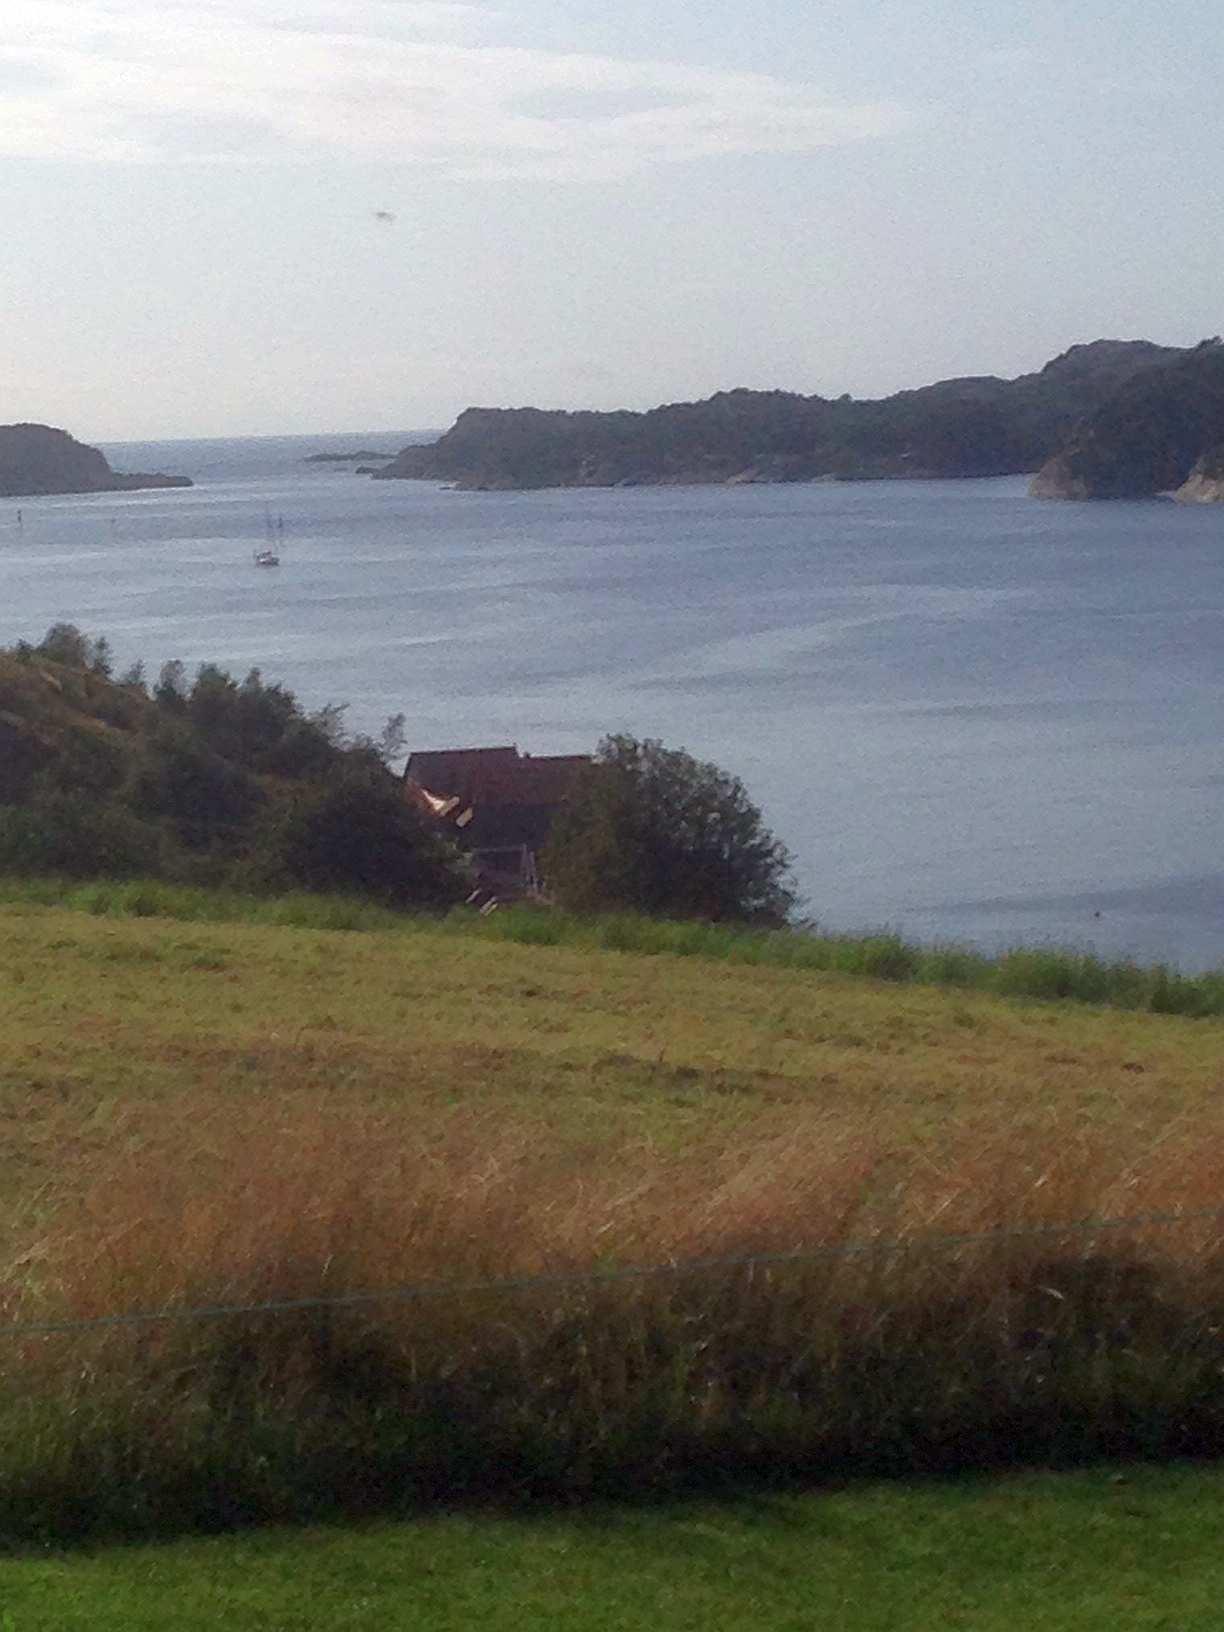 Blich auf den Ausgang des Fjords Nordra Sund von der Insel Eigerøya aus